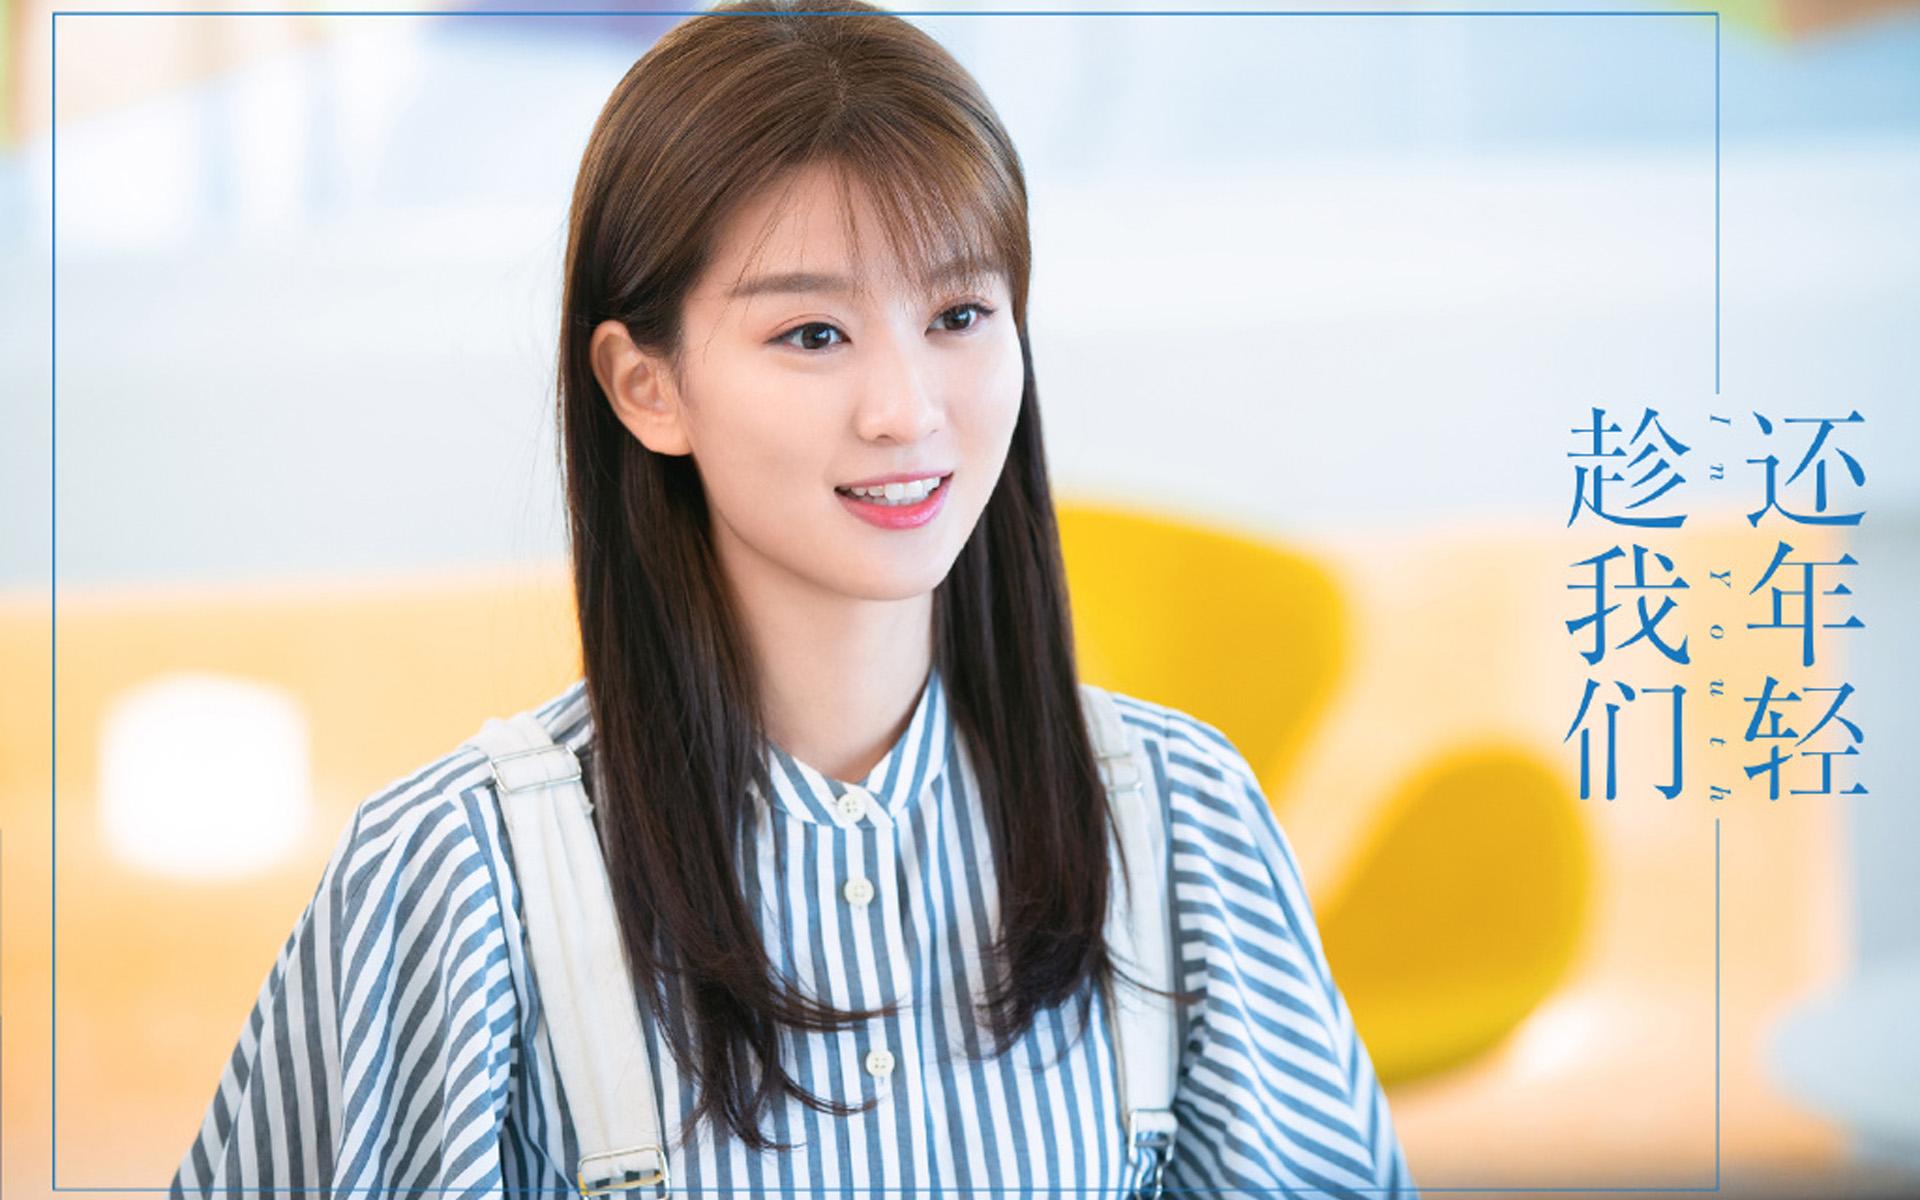 腾讯视频VIP账号共享2019.4.15每天更新